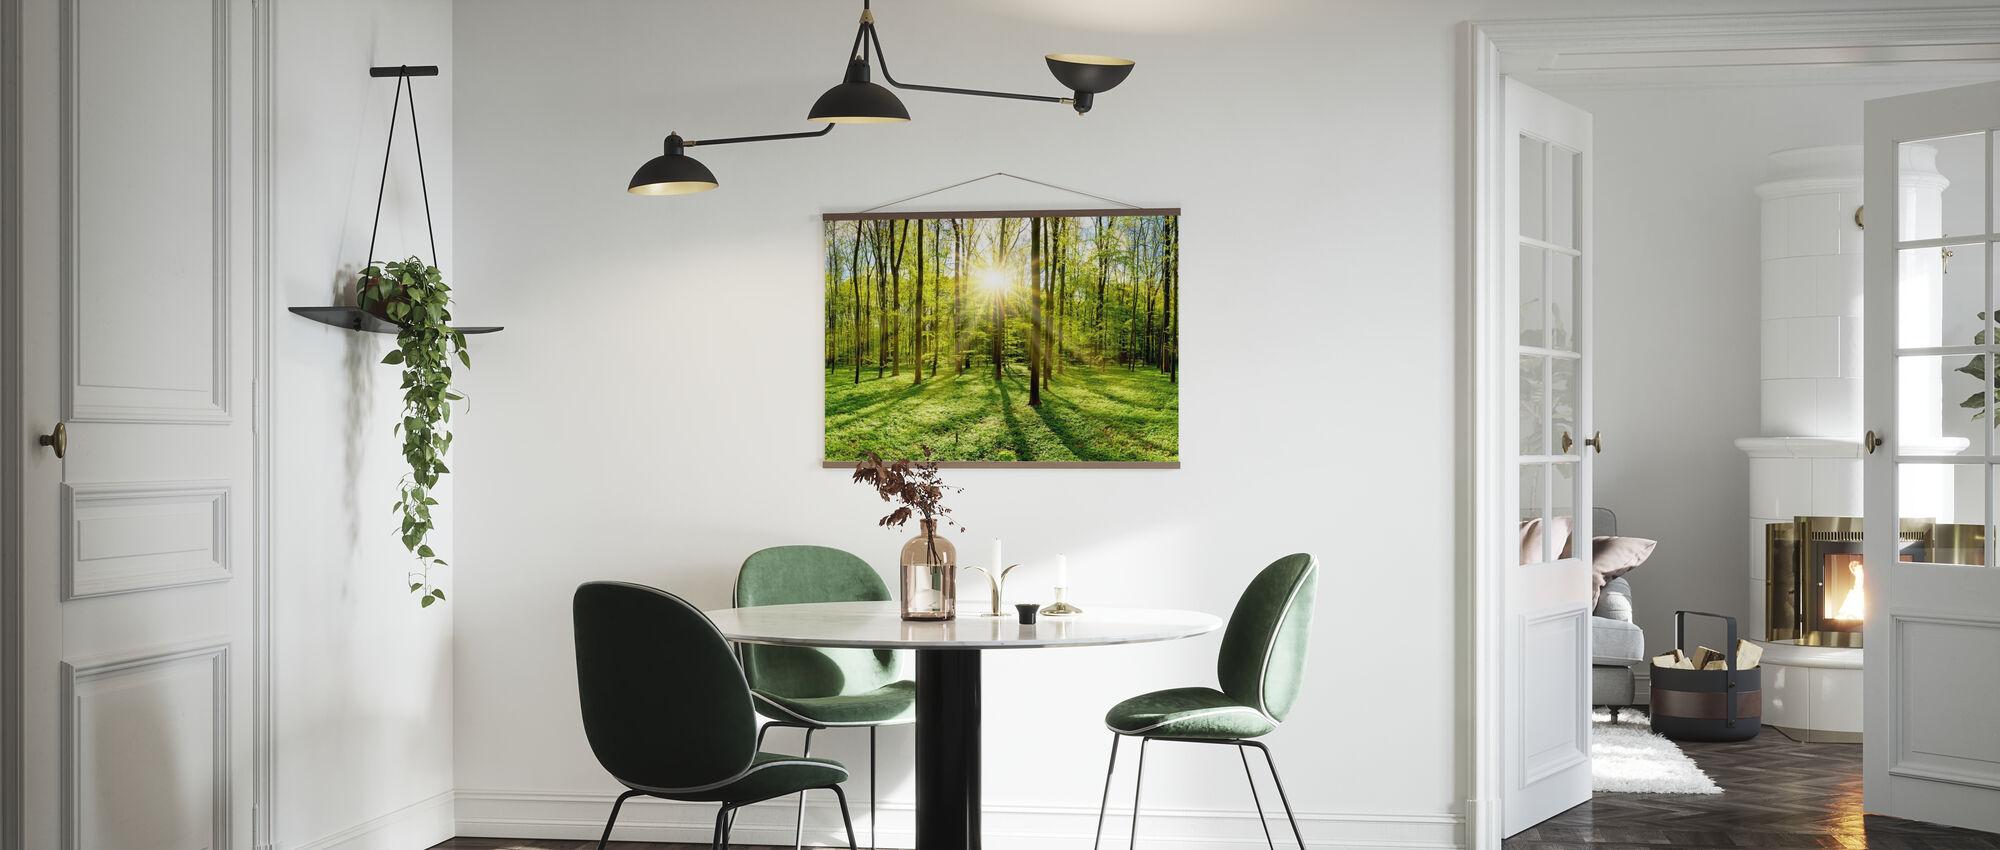 Skov i det lyse solskin - Plakat - Køkken